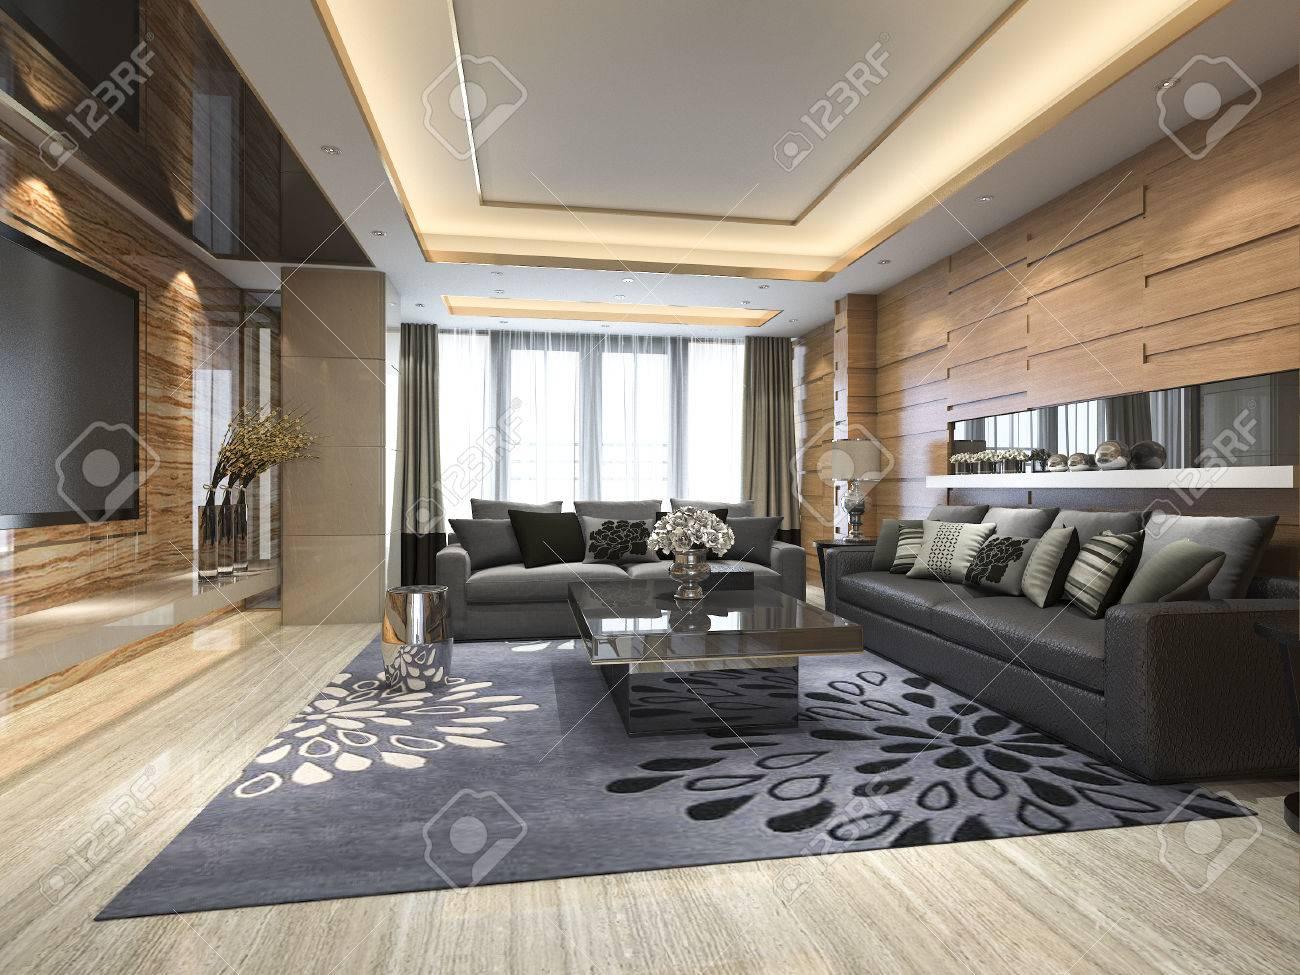 Rendu 3D luxe et salon moderne avec canapé en cuir